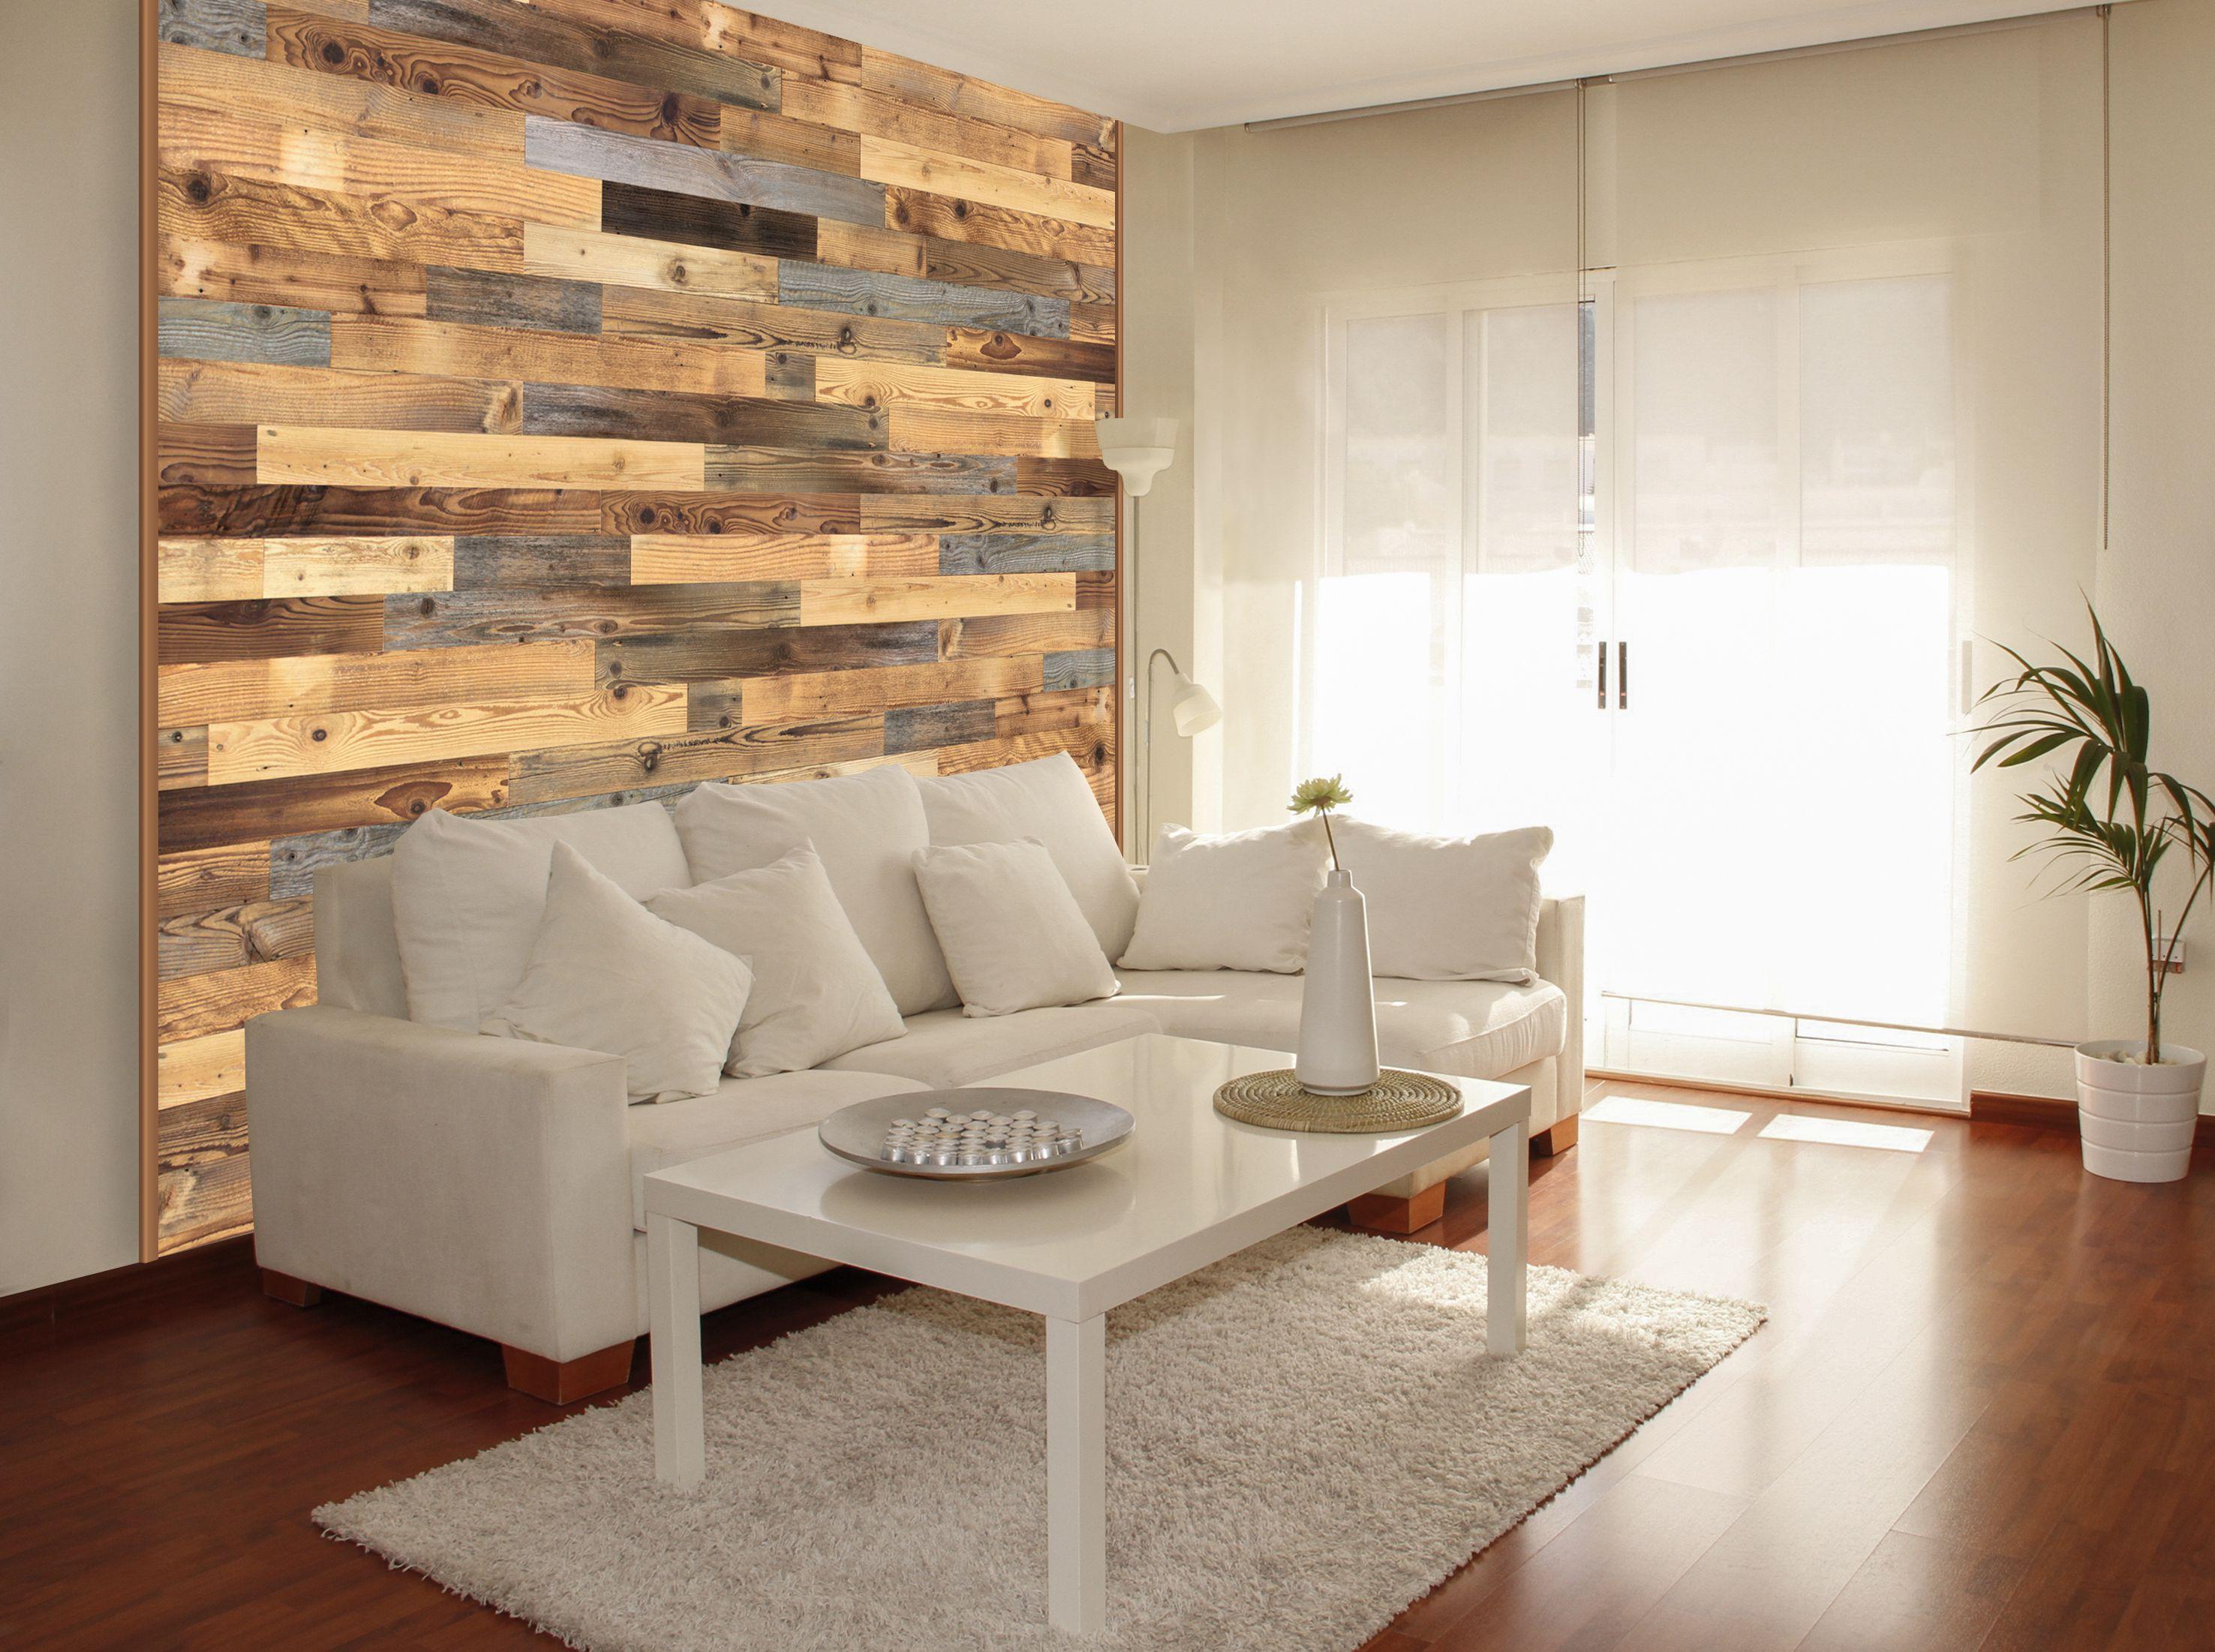 Altholz Sonnenverbrannt I 1000 Altholz Wandpaneele Wandverkleidung Holz